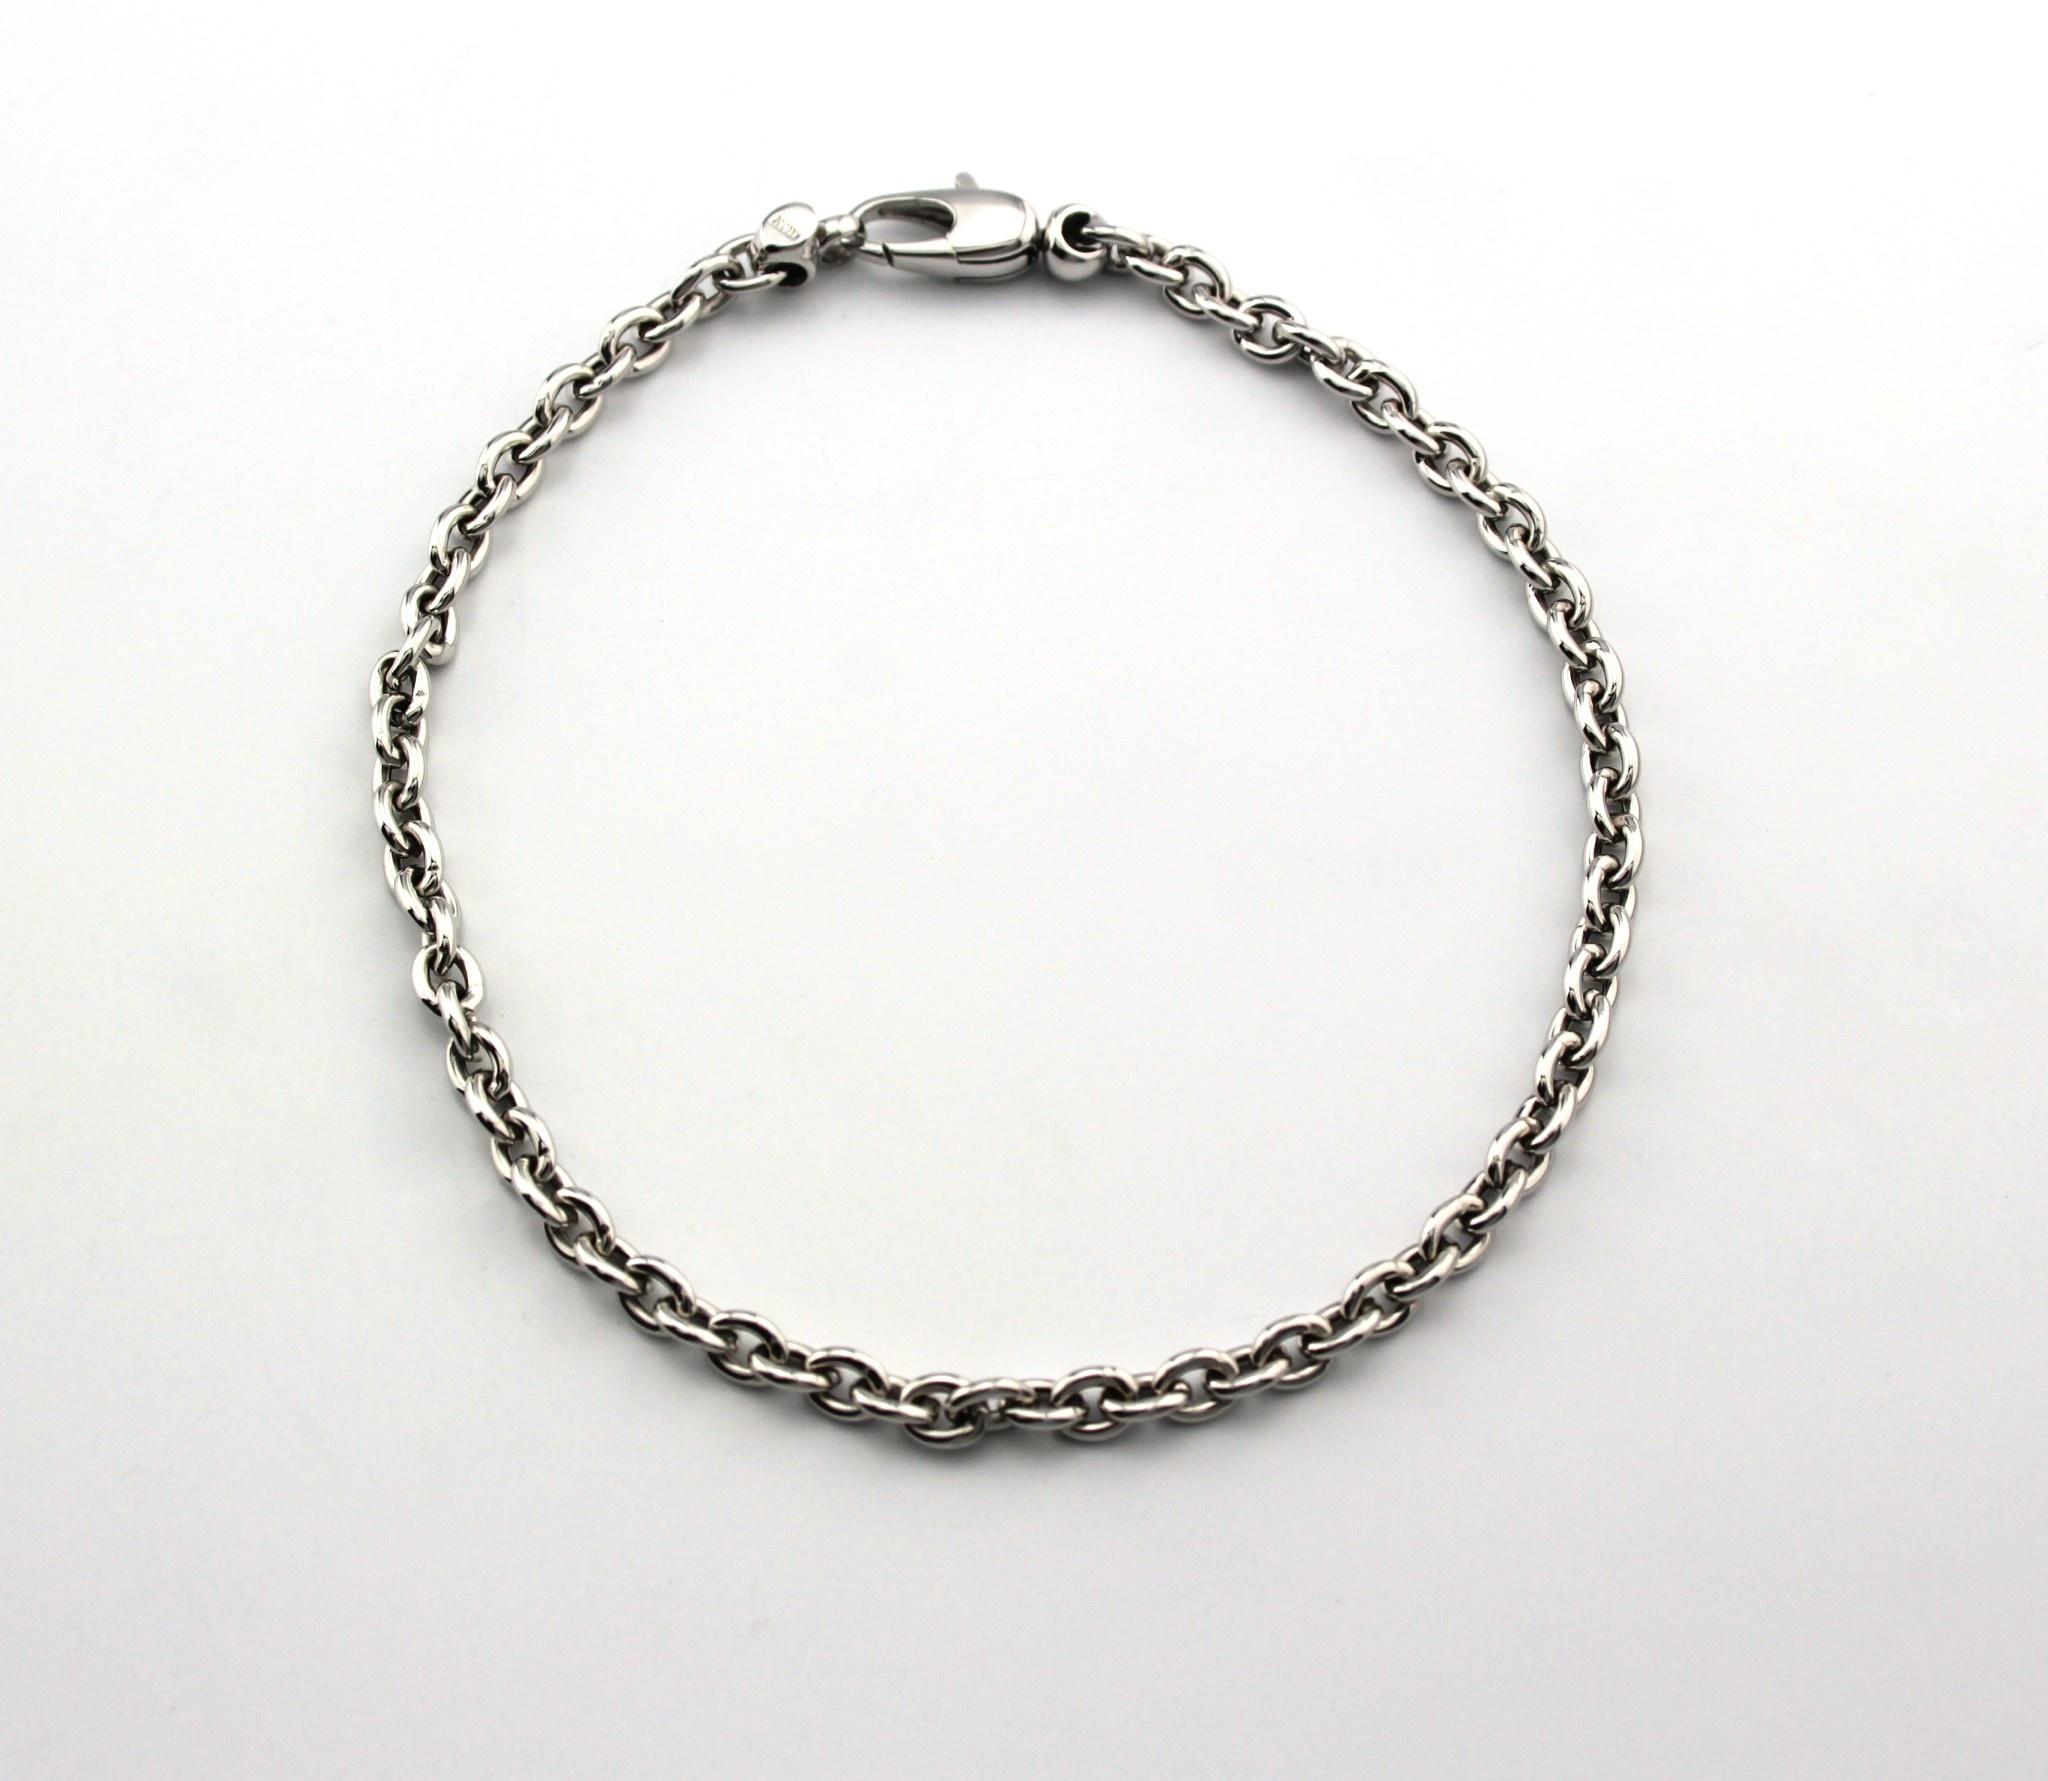 Tomylo Tomylo gouden armband Anker 19.5cm